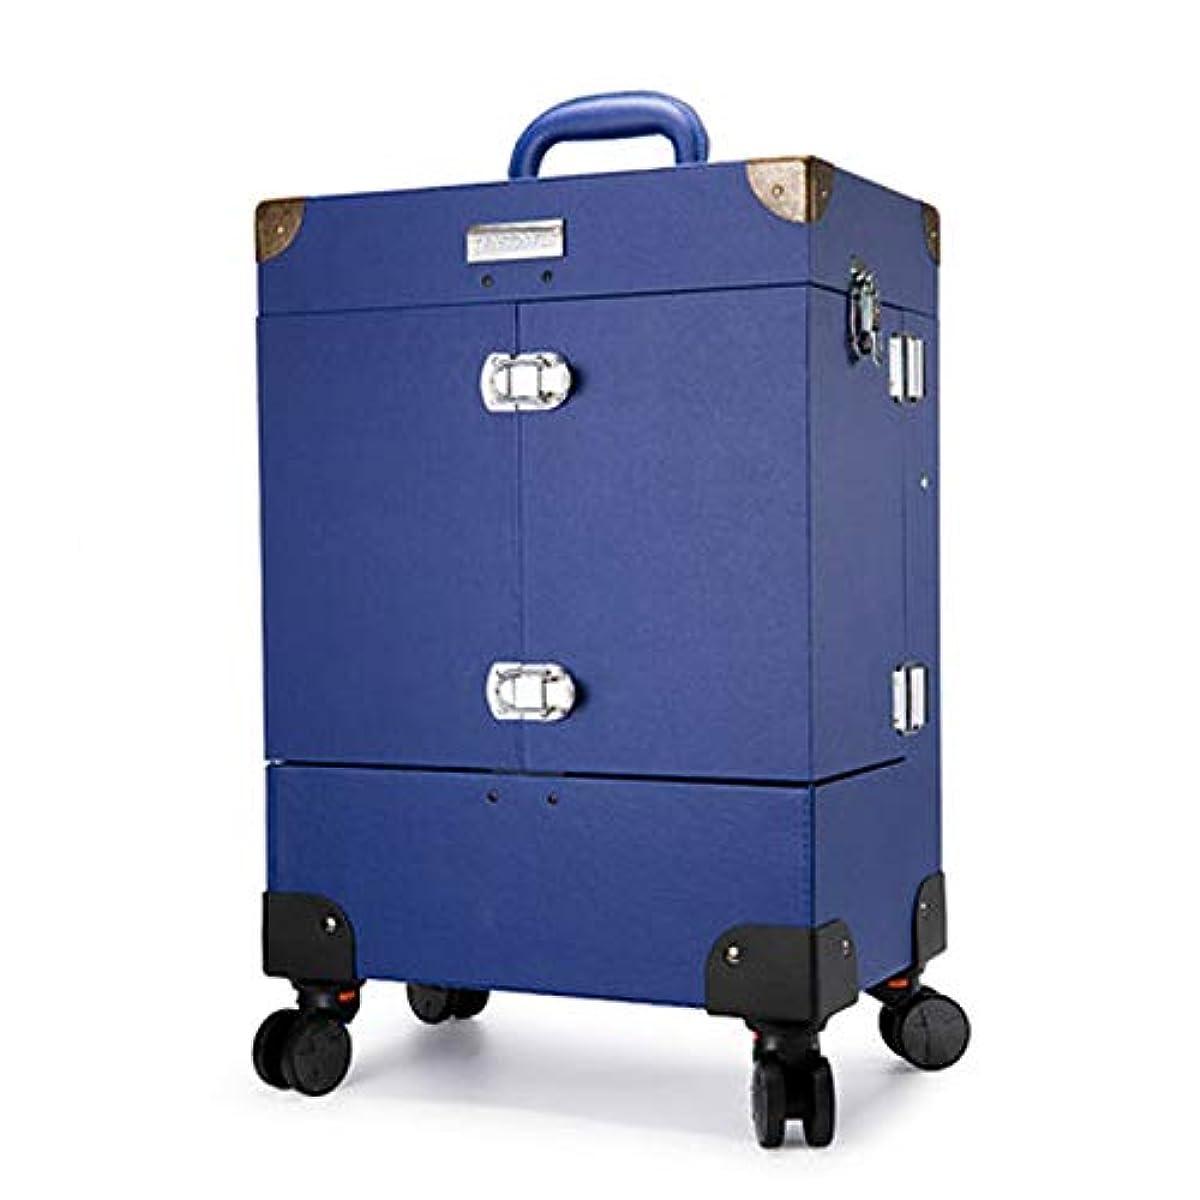 怖いなぜバルブプロ専用 ネイリスト クローゼット スーツケース ネイル収納 メイクボックス キャリーバッグ ヘアメイク ネイル 大容量 軽量 高品質 多機能 プロ I-JL-3505T-BL